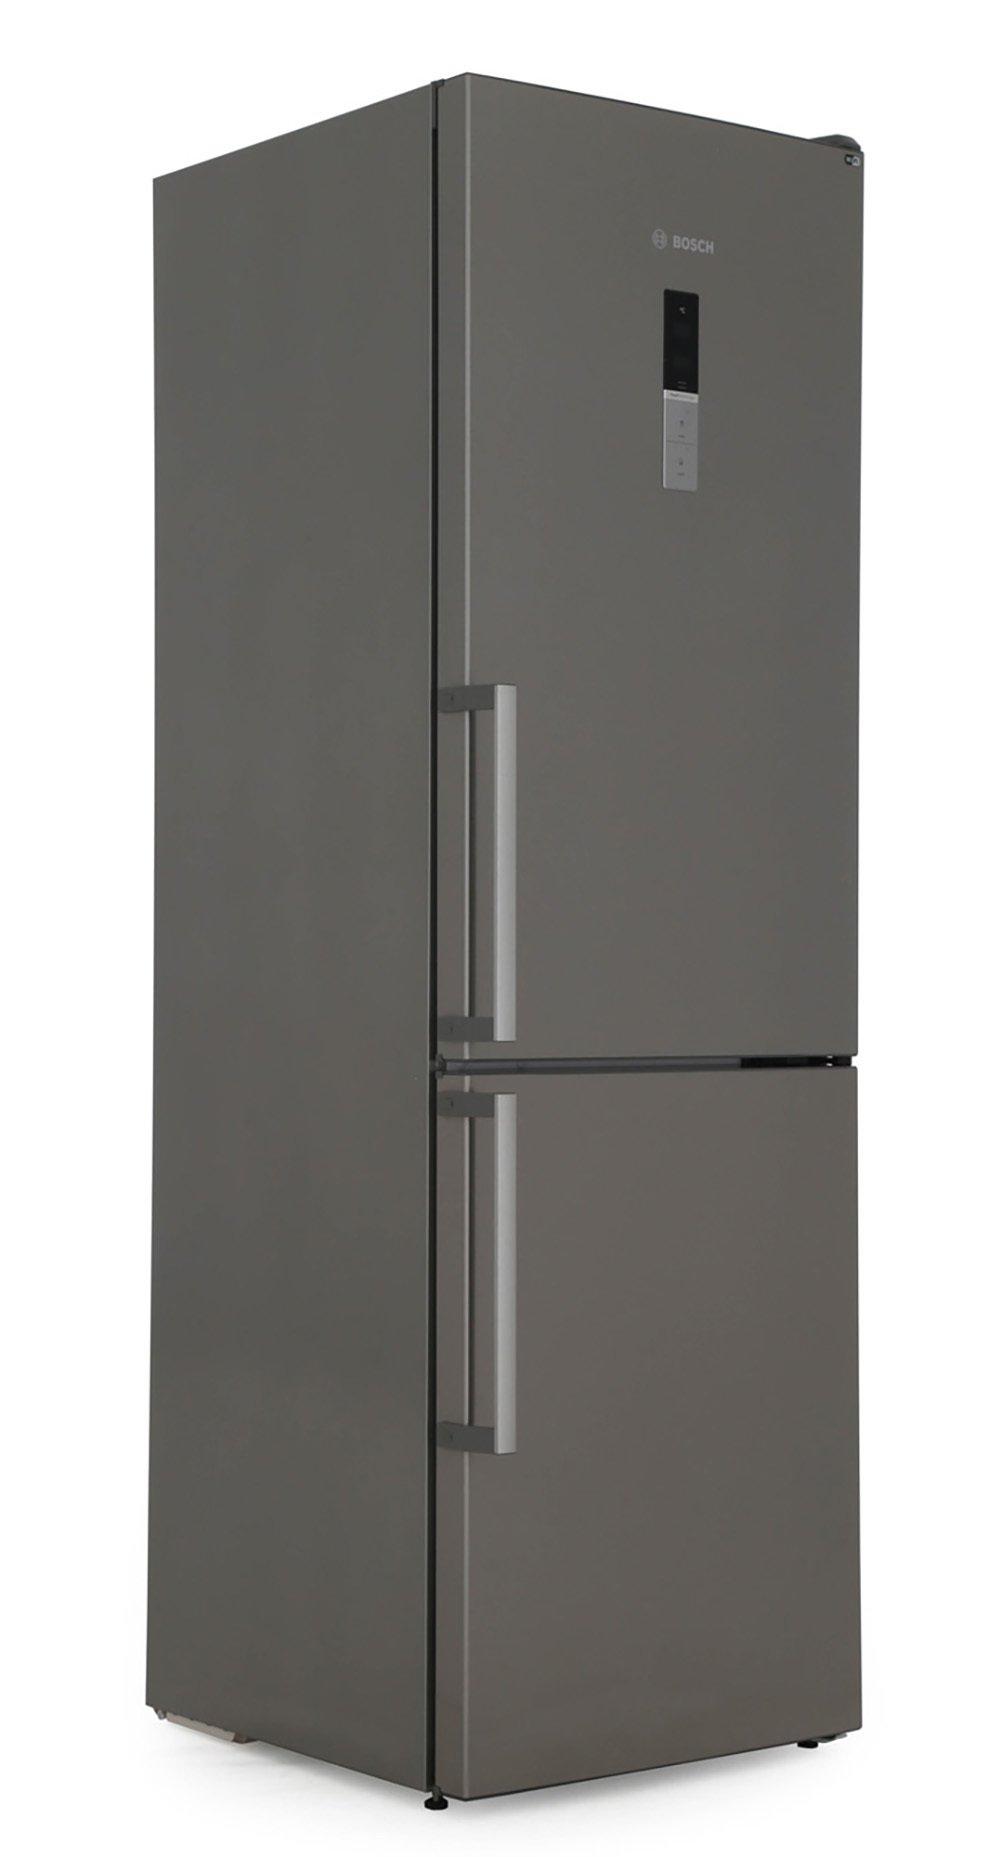 Bosch Serie 6 KGN36HI32 Frost Free Fridge Freezer